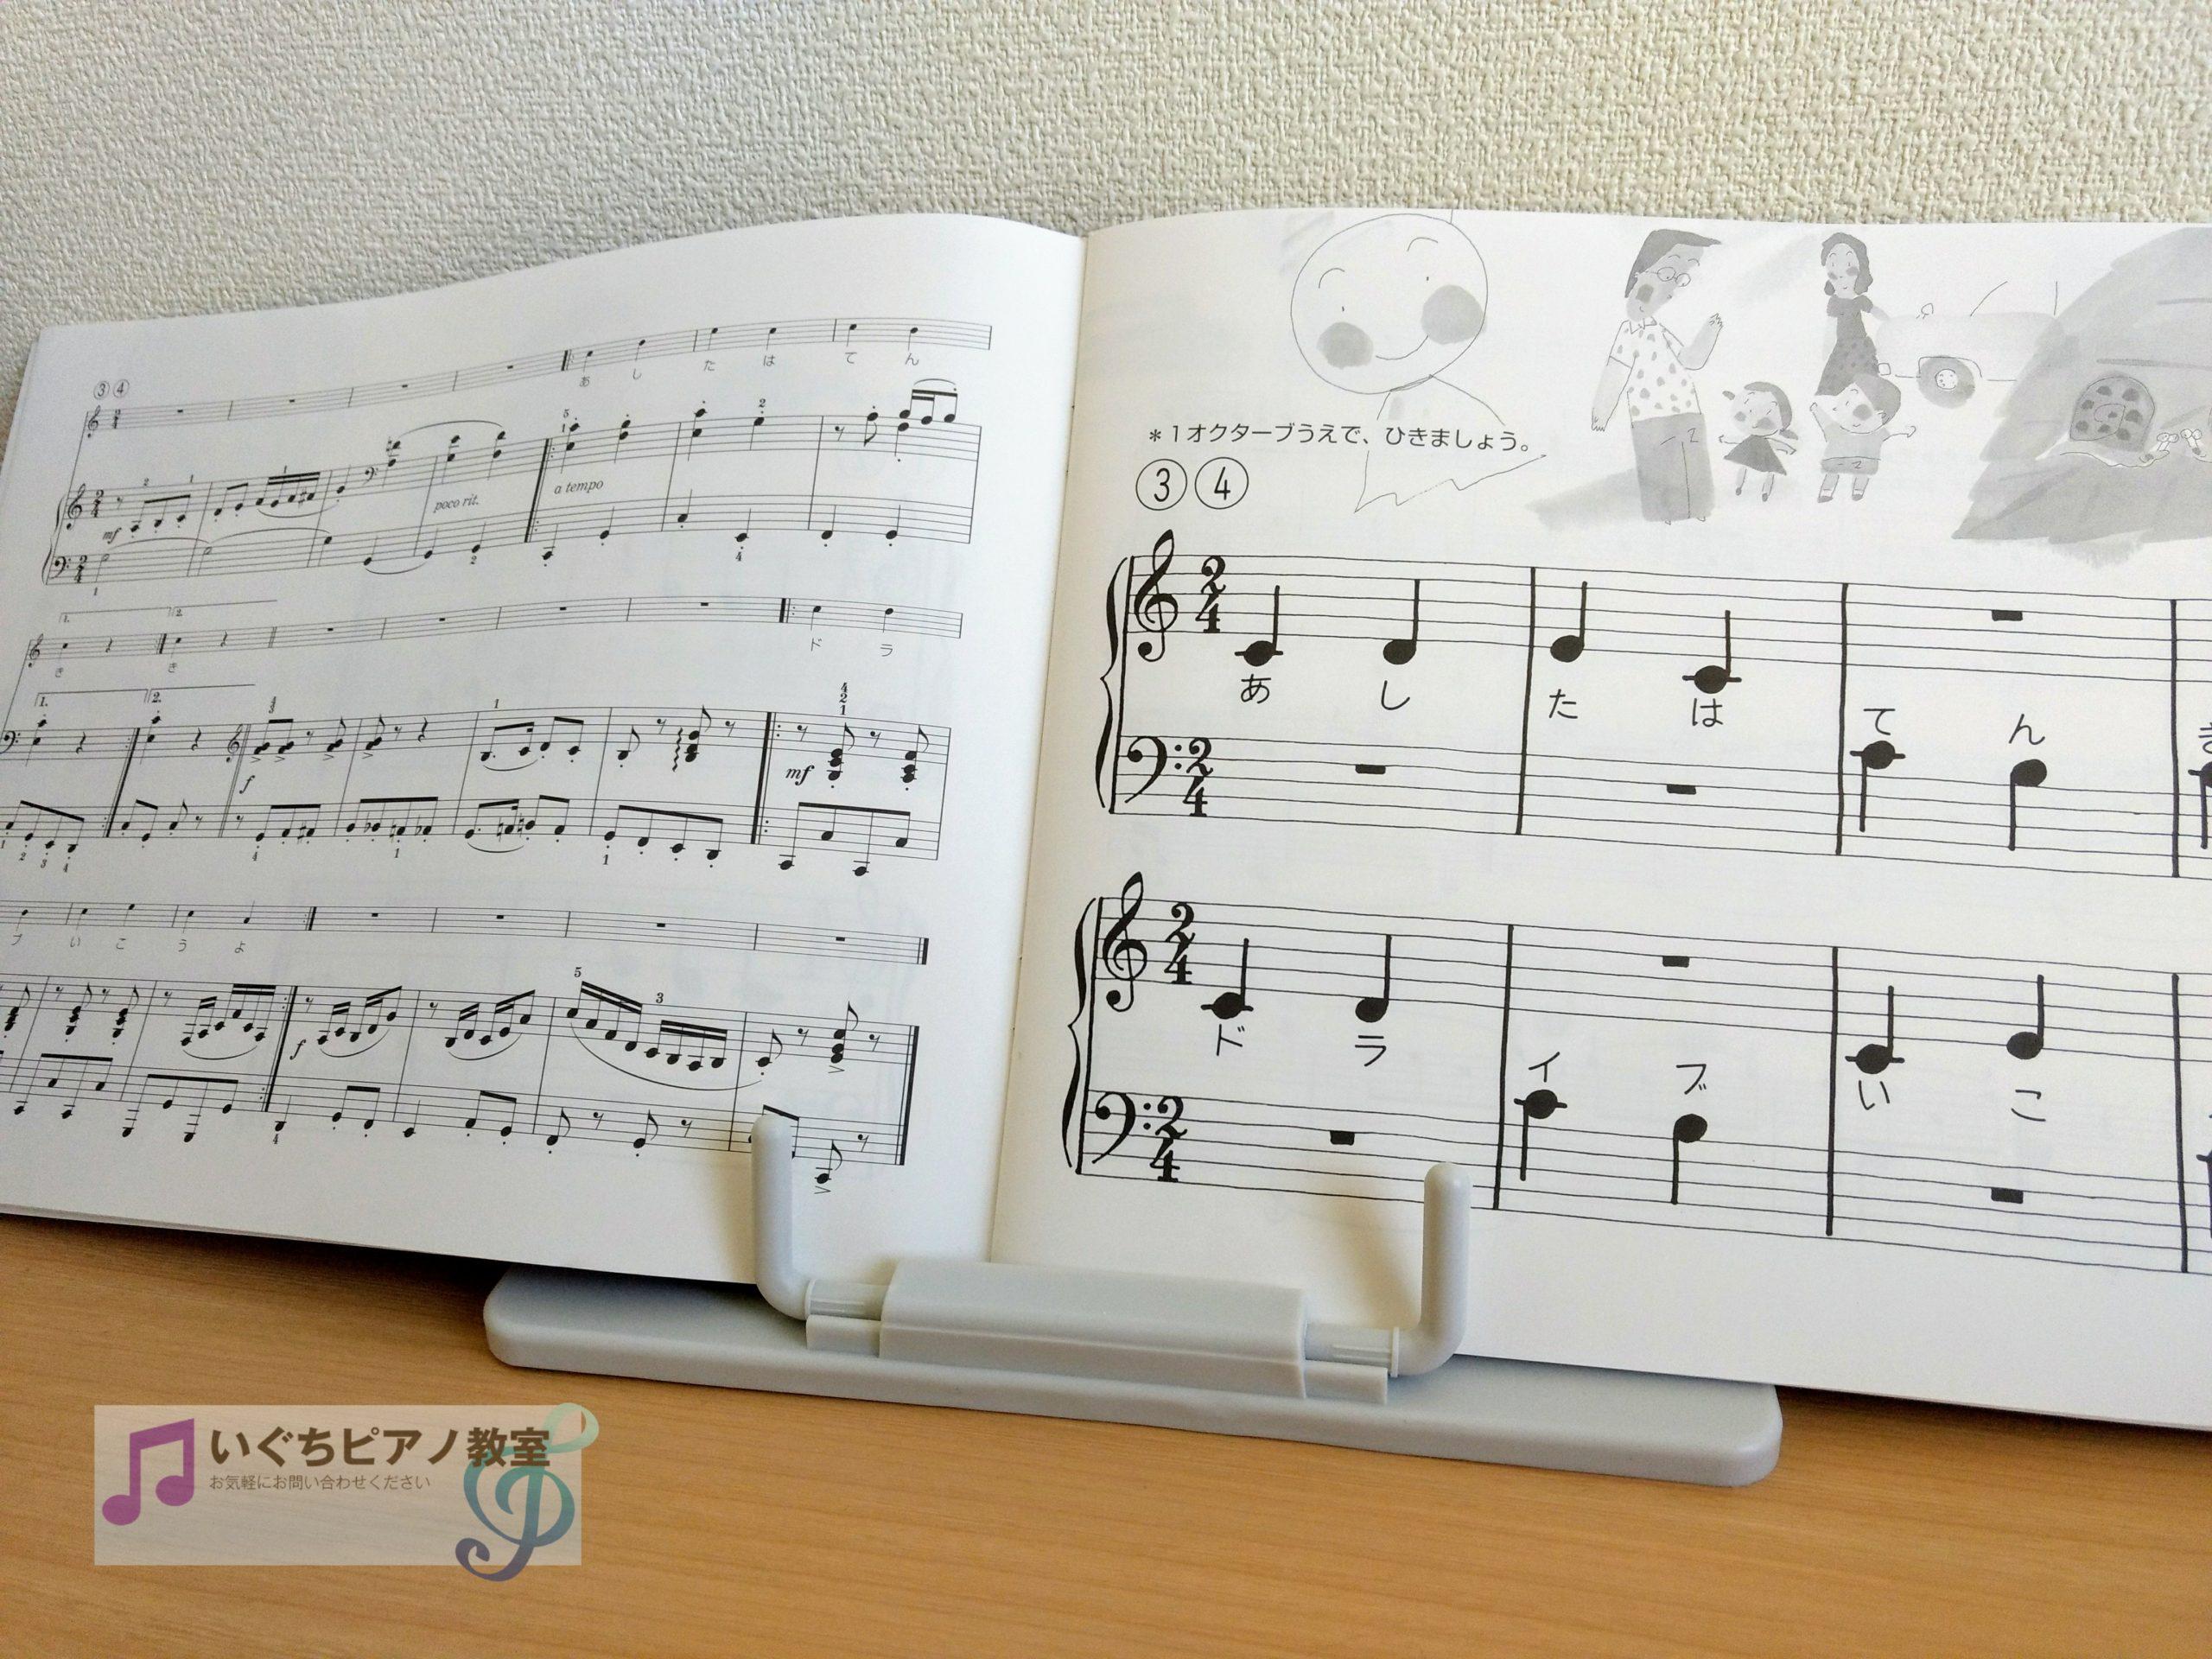 音とピアノの絵本の楽譜の画像